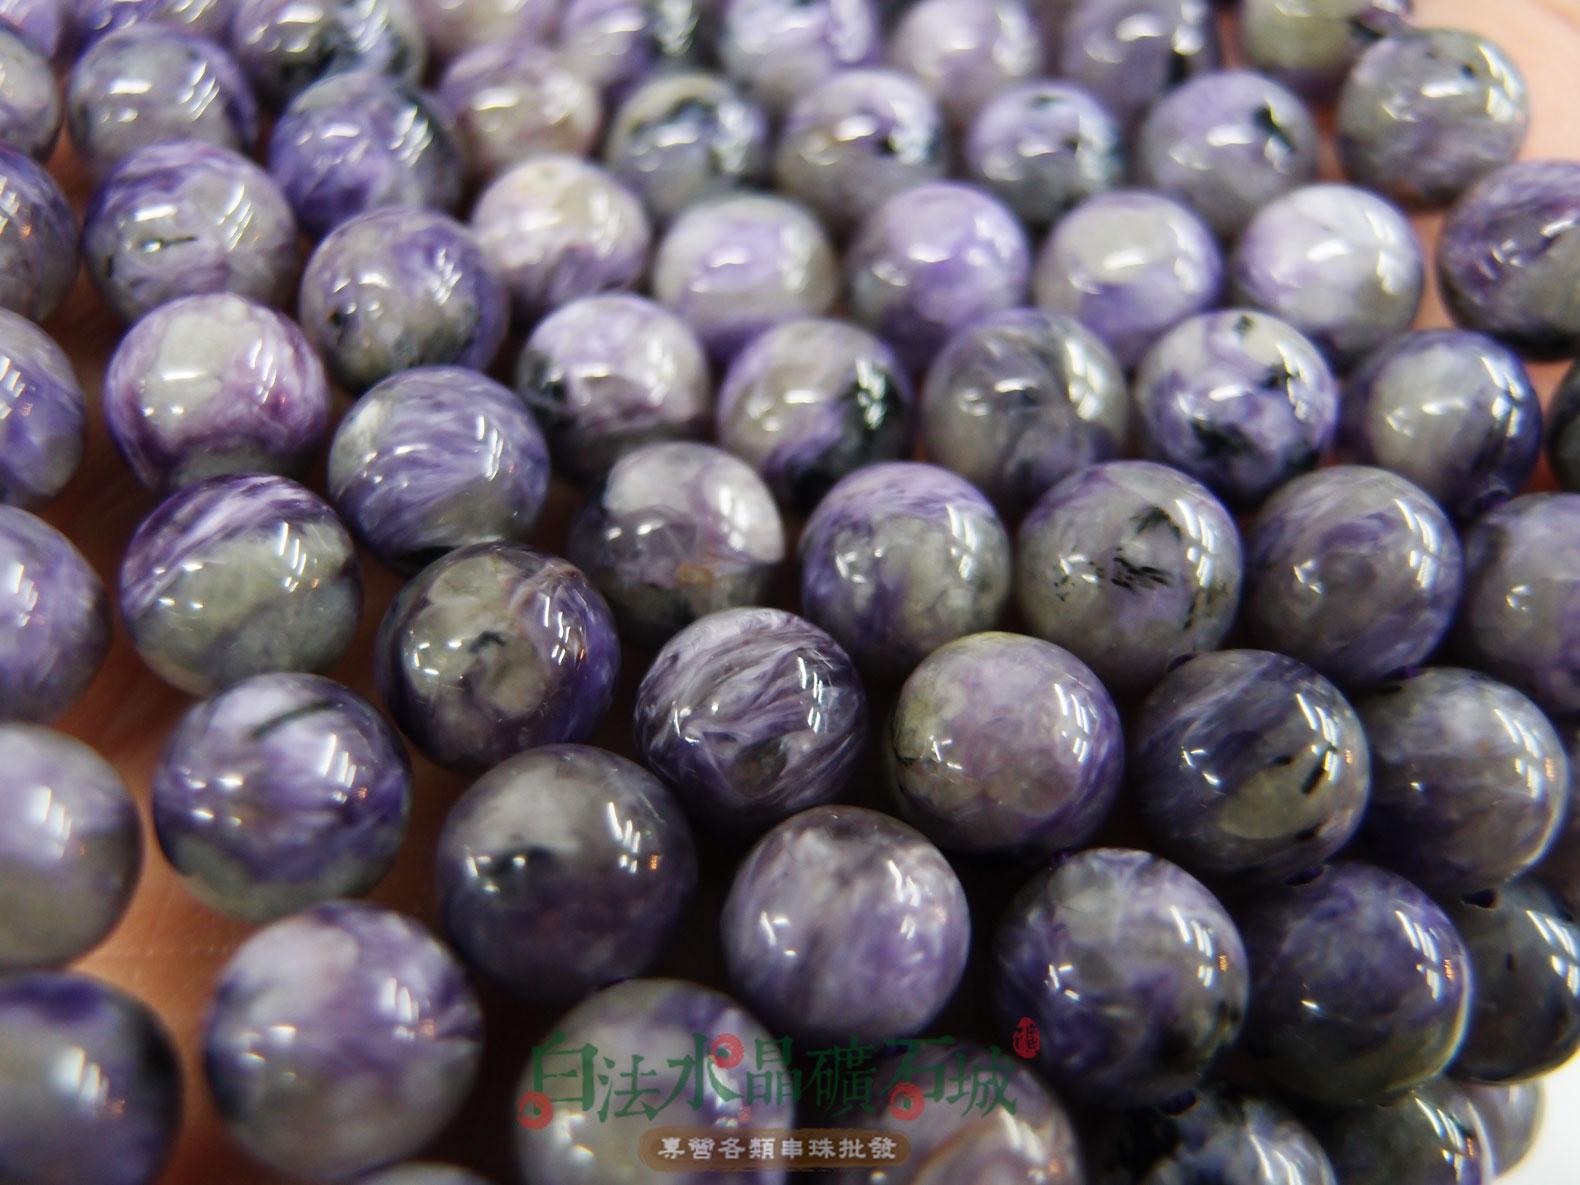 白法水晶礦石城 俄羅斯 天然-紫龍晶 8mm 串珠/條珠 首飾材料